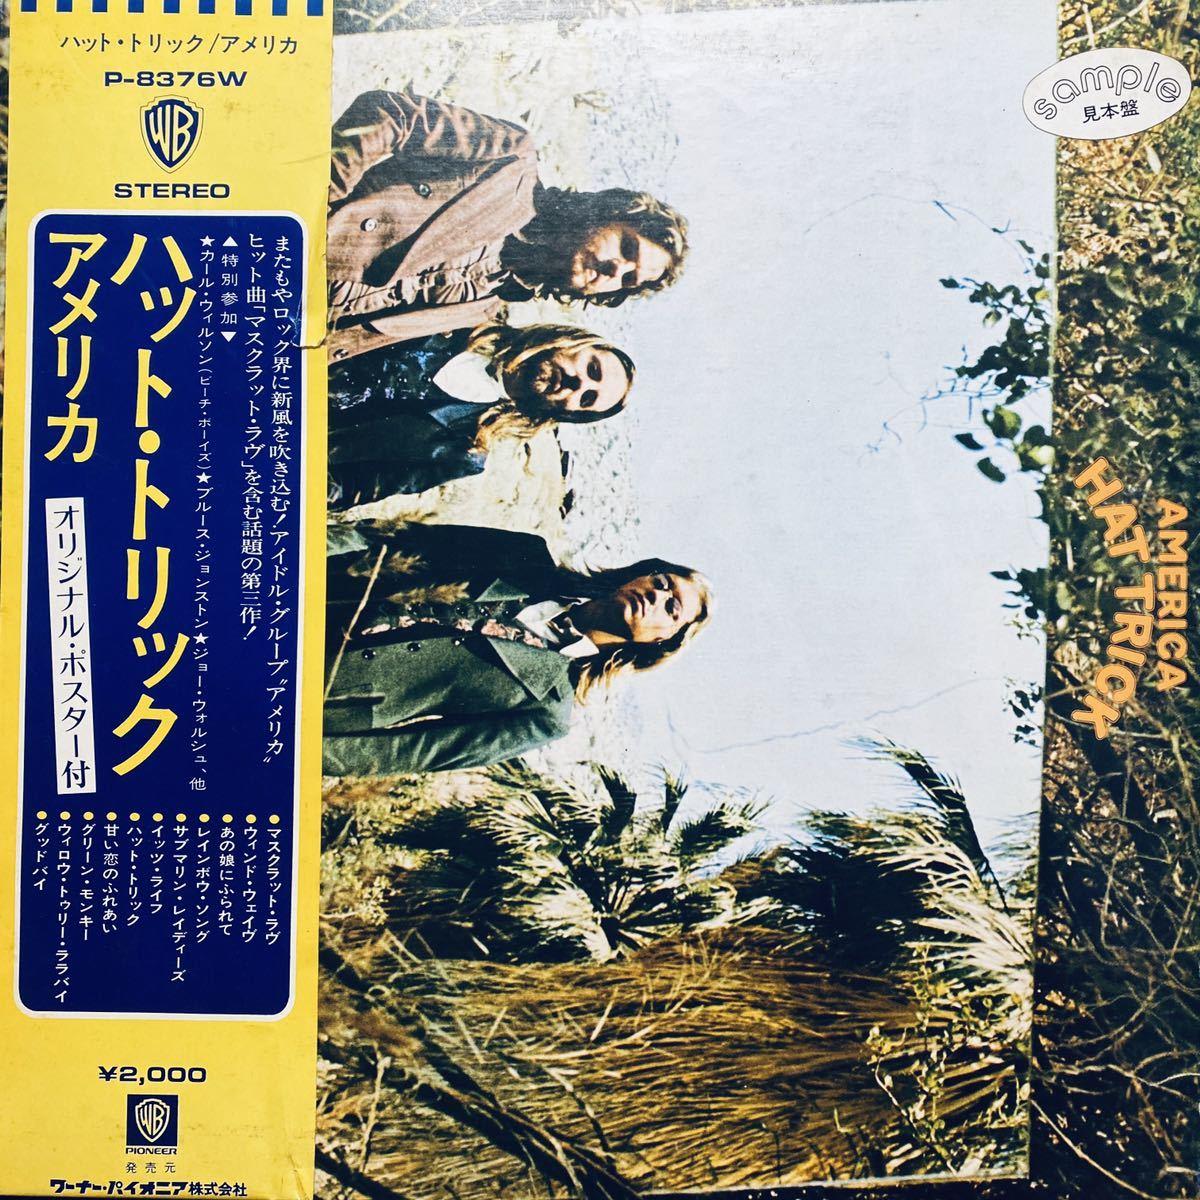 国内見本白ラベル帯LP / アメリカ - ハット・トリック AMERICA / 非売品 プロモ サンプル '73 P-8376W_画像1